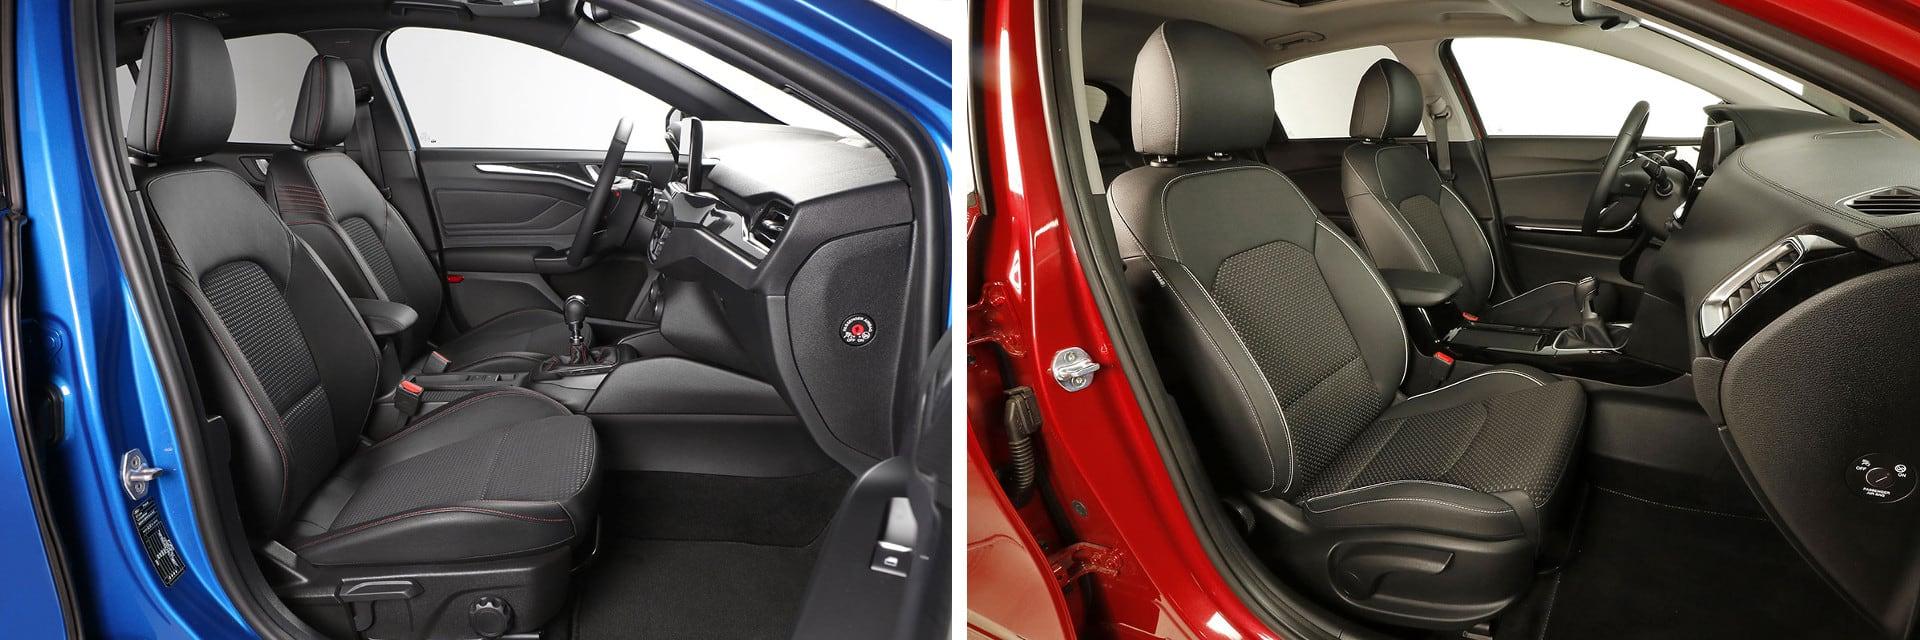 Los asientos del KIA Ceed (dcha.) son más cómodos que los del Ford Focus (izq.) debido a que tienen más mullido.